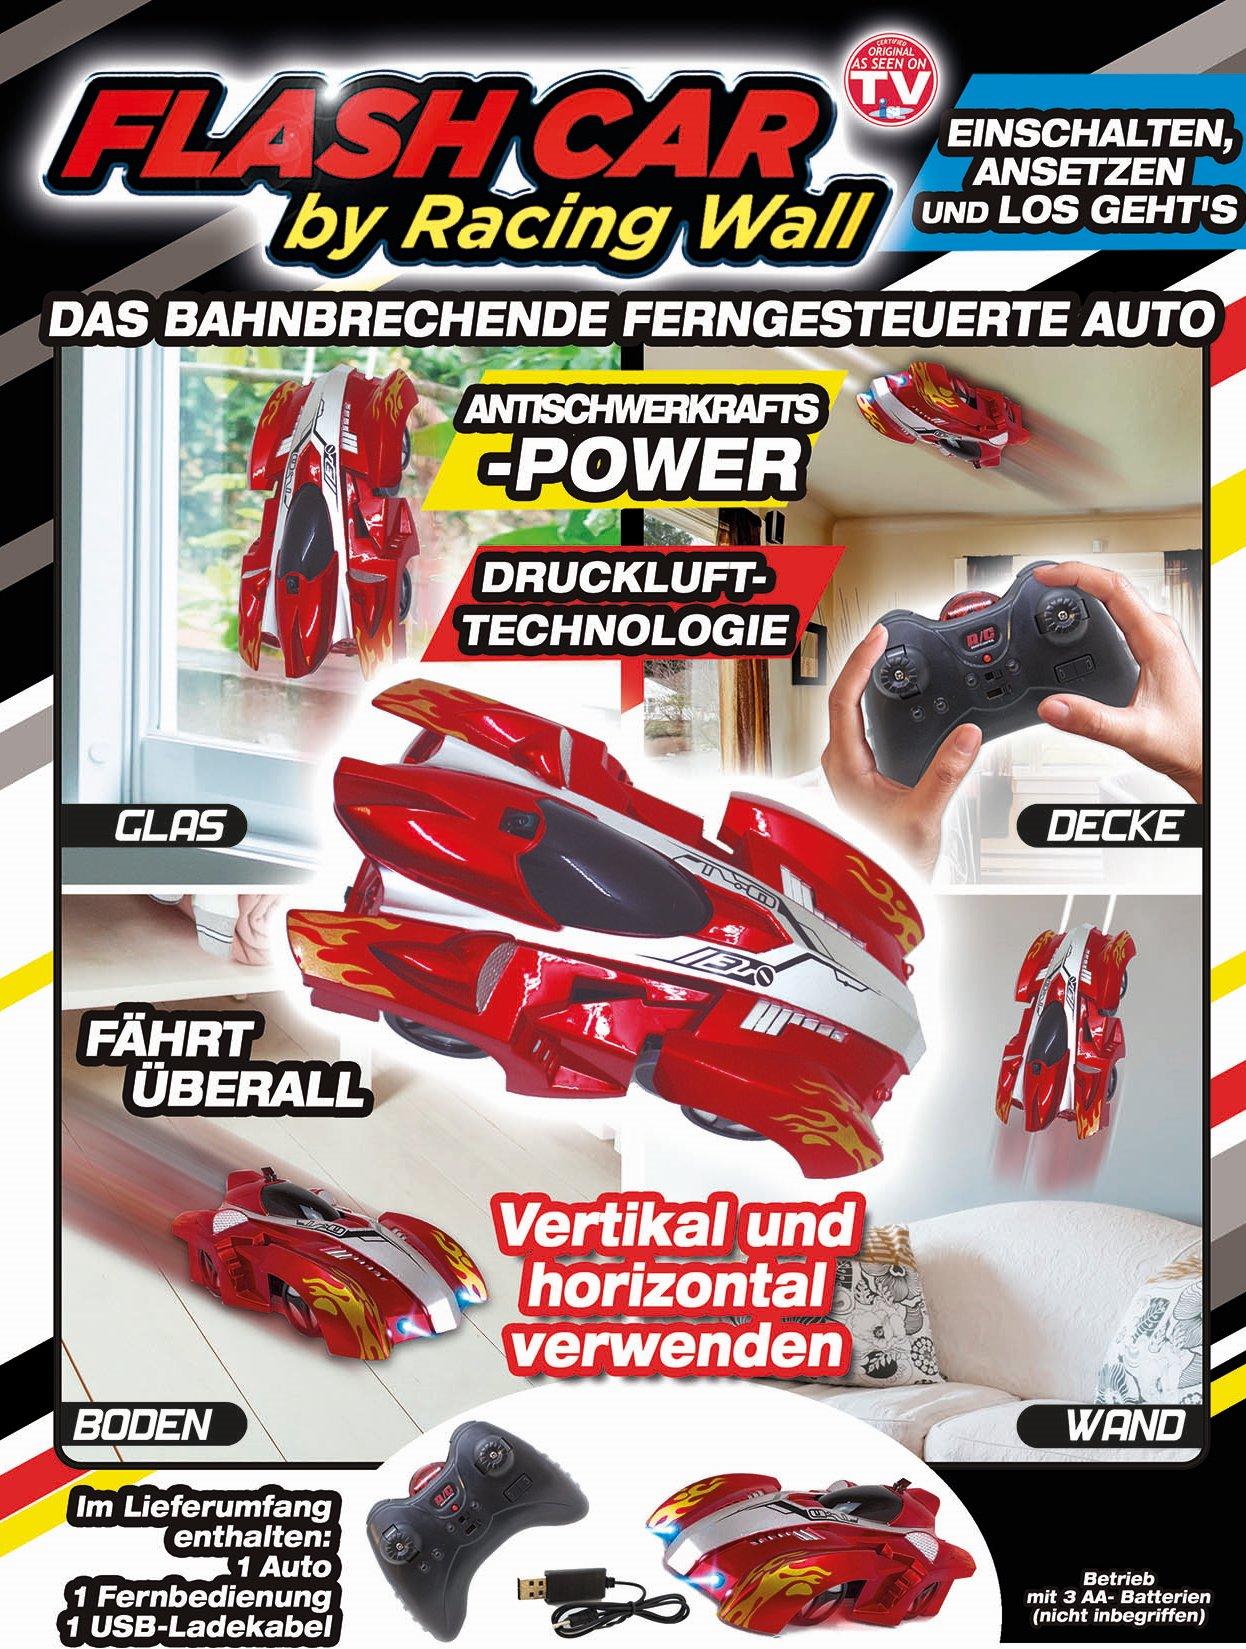 Flash Car by Racing Wall - fährt überall - spektakulär